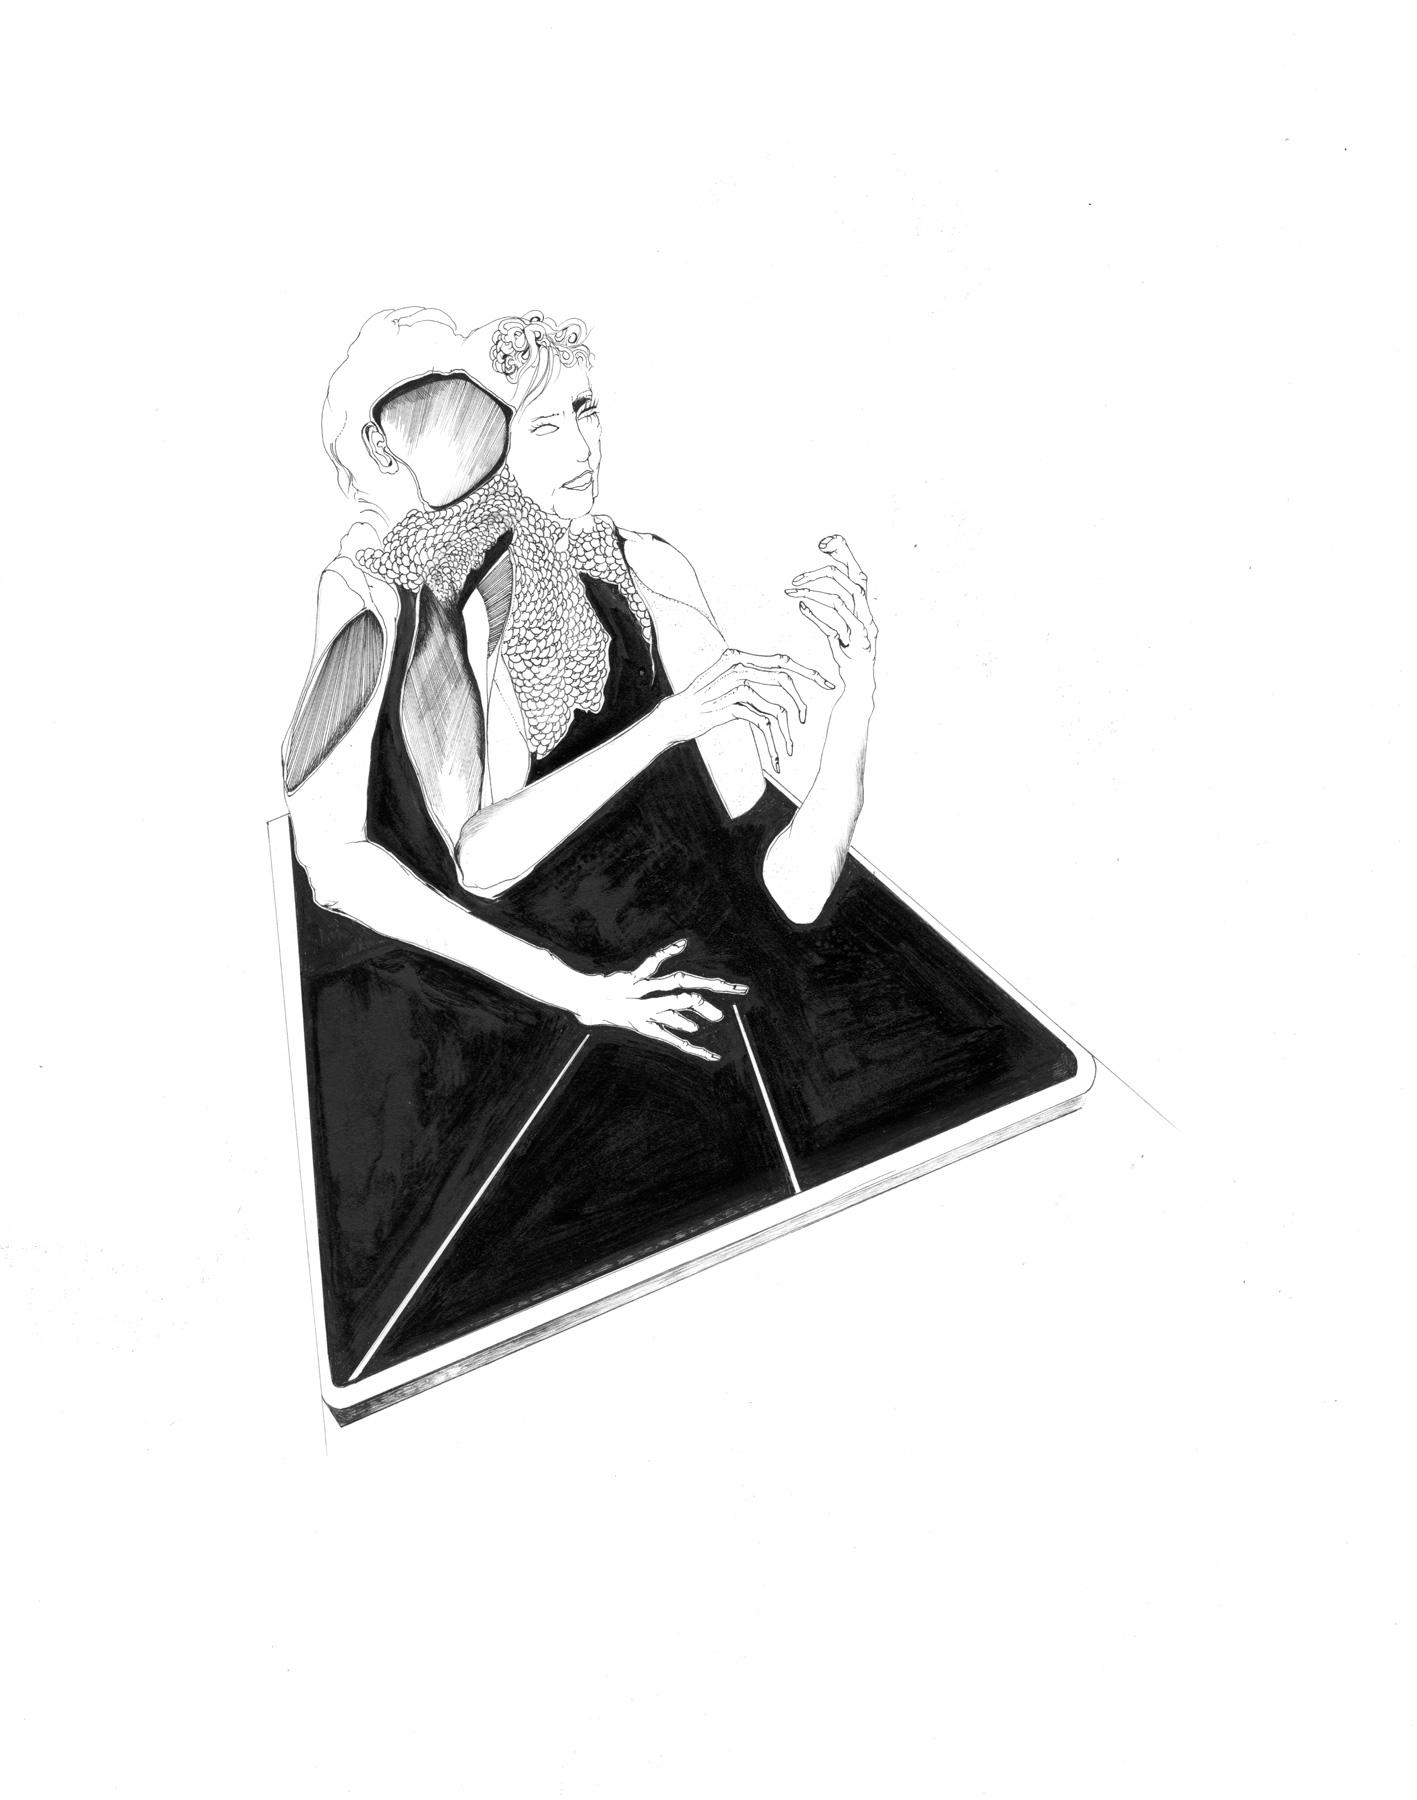 Nina Annabelle Märkl   Desideranten, Desiderate 8   Tusche und Bleistift auf Papier   35,5 x 28 cm   2018